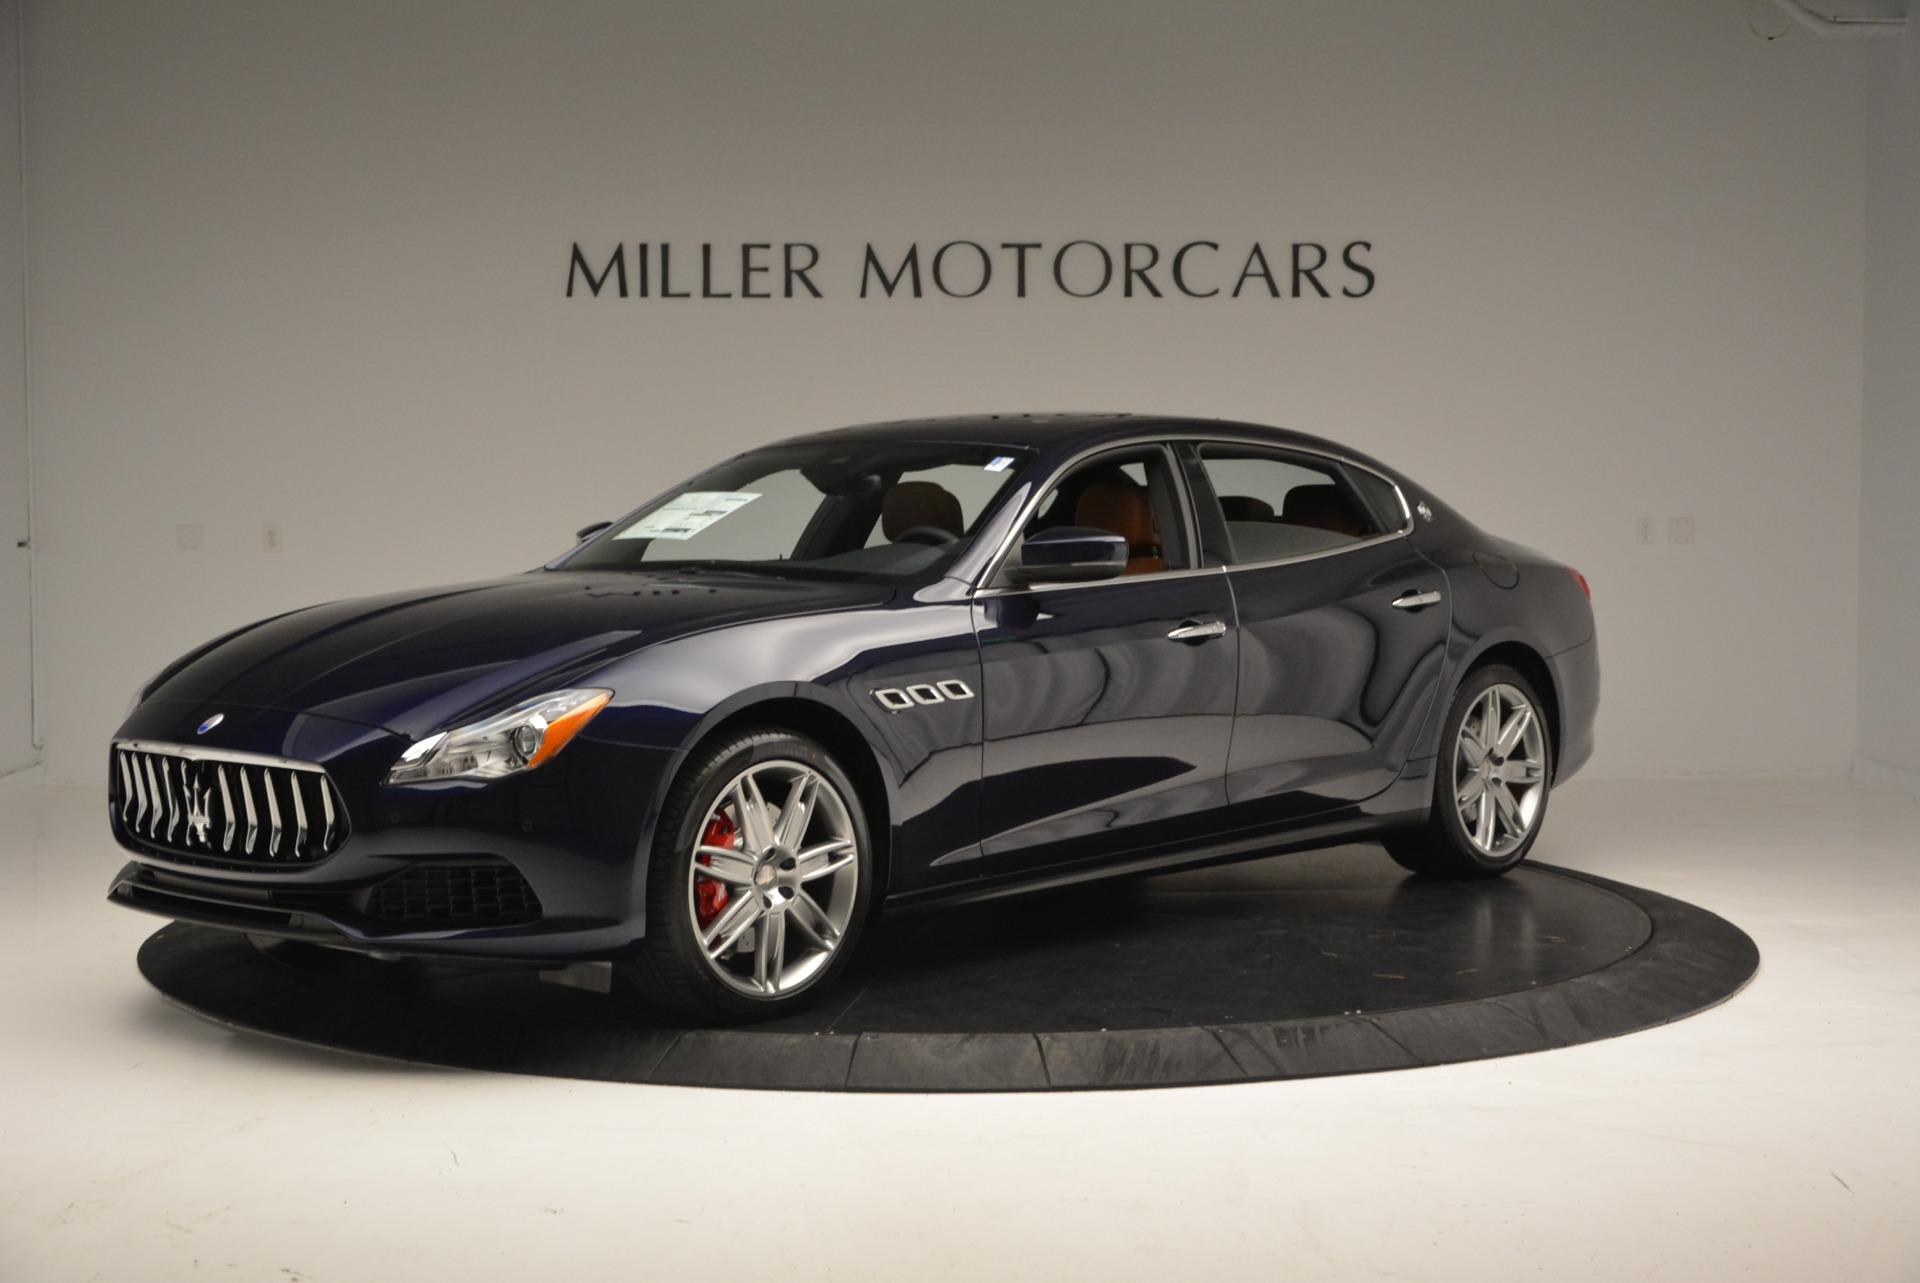 New 2017 Maserati Quattroporte S Q4 For Sale In Westport, CT 581_p2